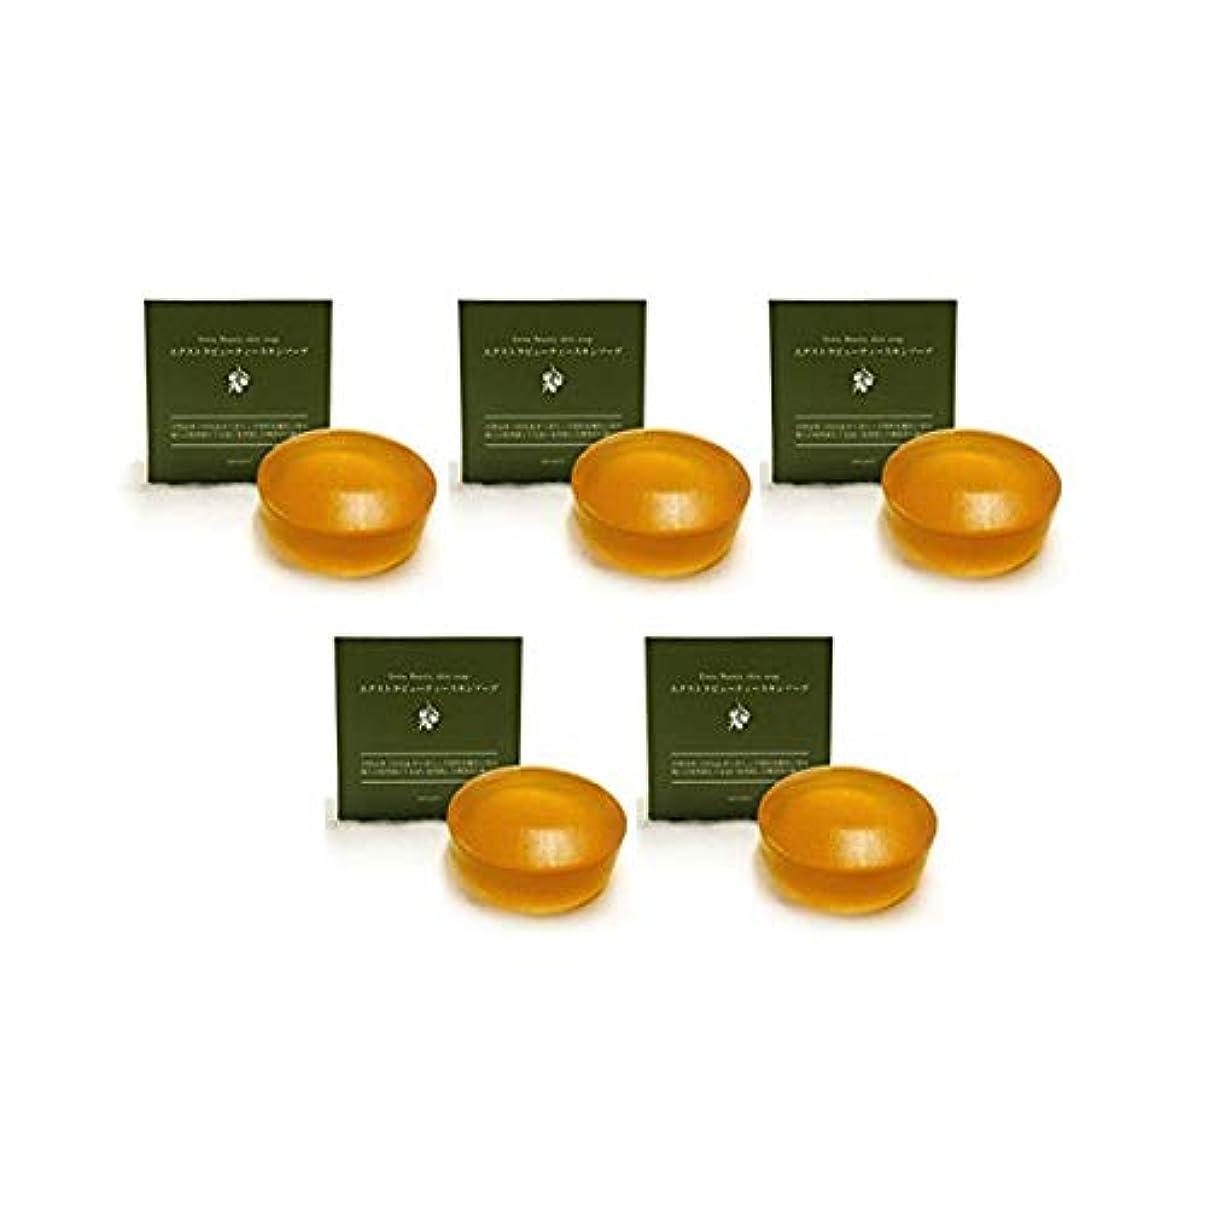 分散事件、出来事発揮するエクストラビューティースキンソープ5個セット(100g ×5個)オーガニック美容成分配合の無添加洗顔石鹸